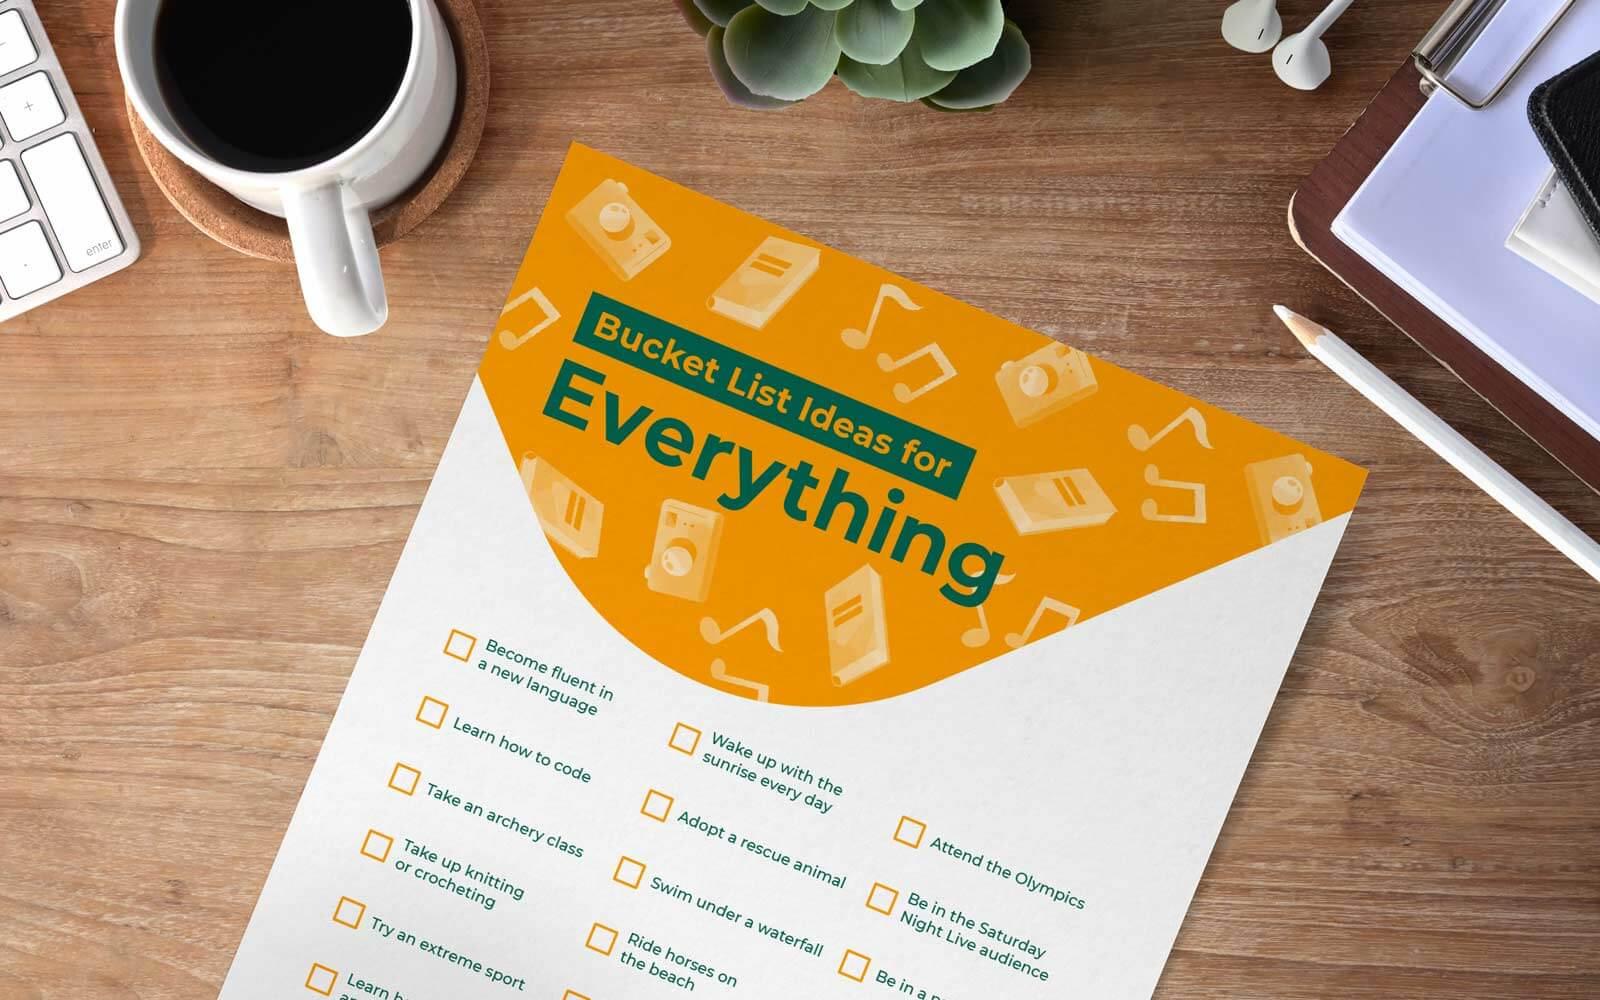 bucket list ideas printable